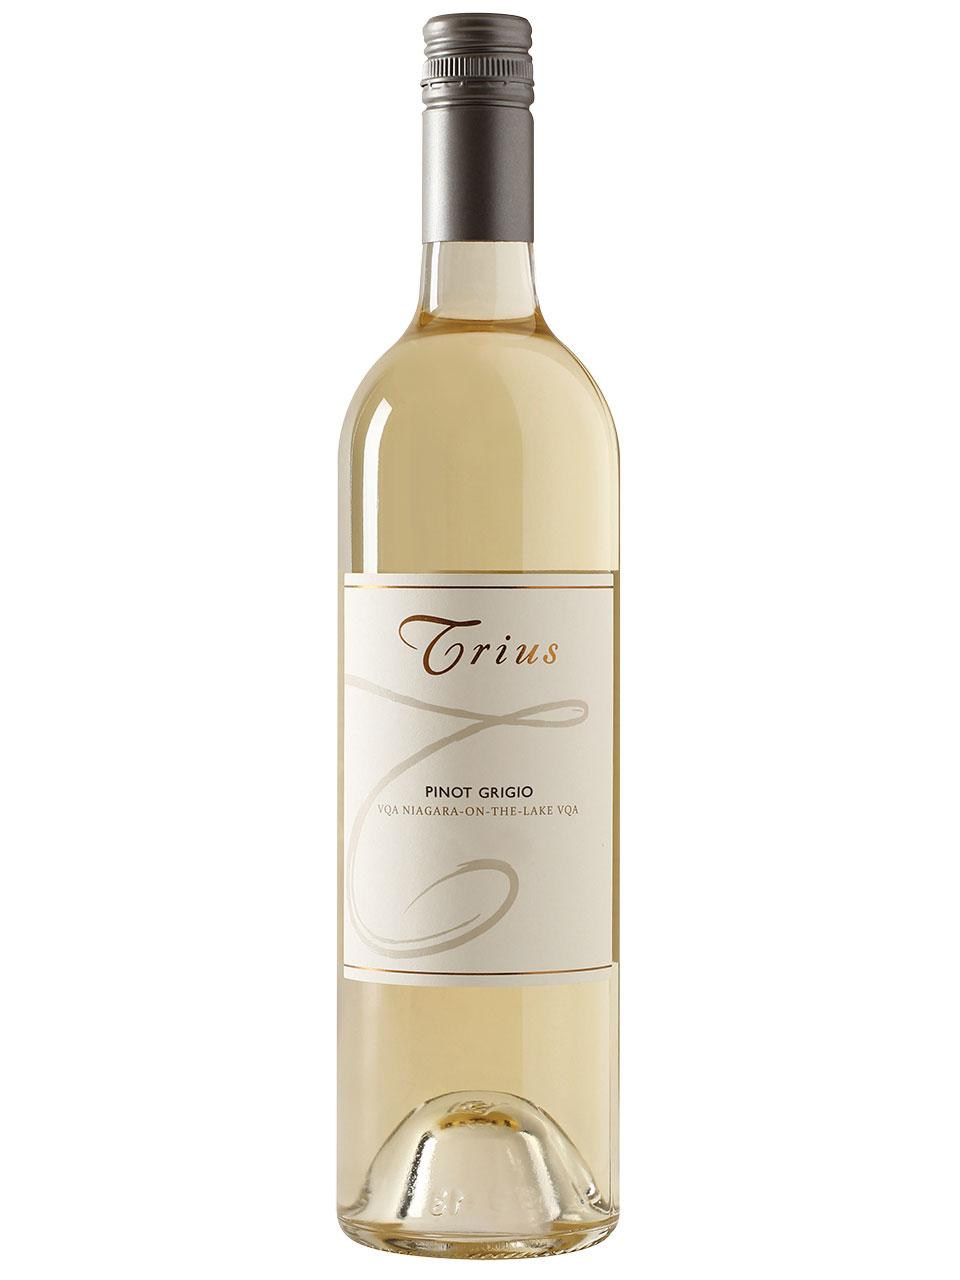 Hillebrand Trius Pinot Grigio